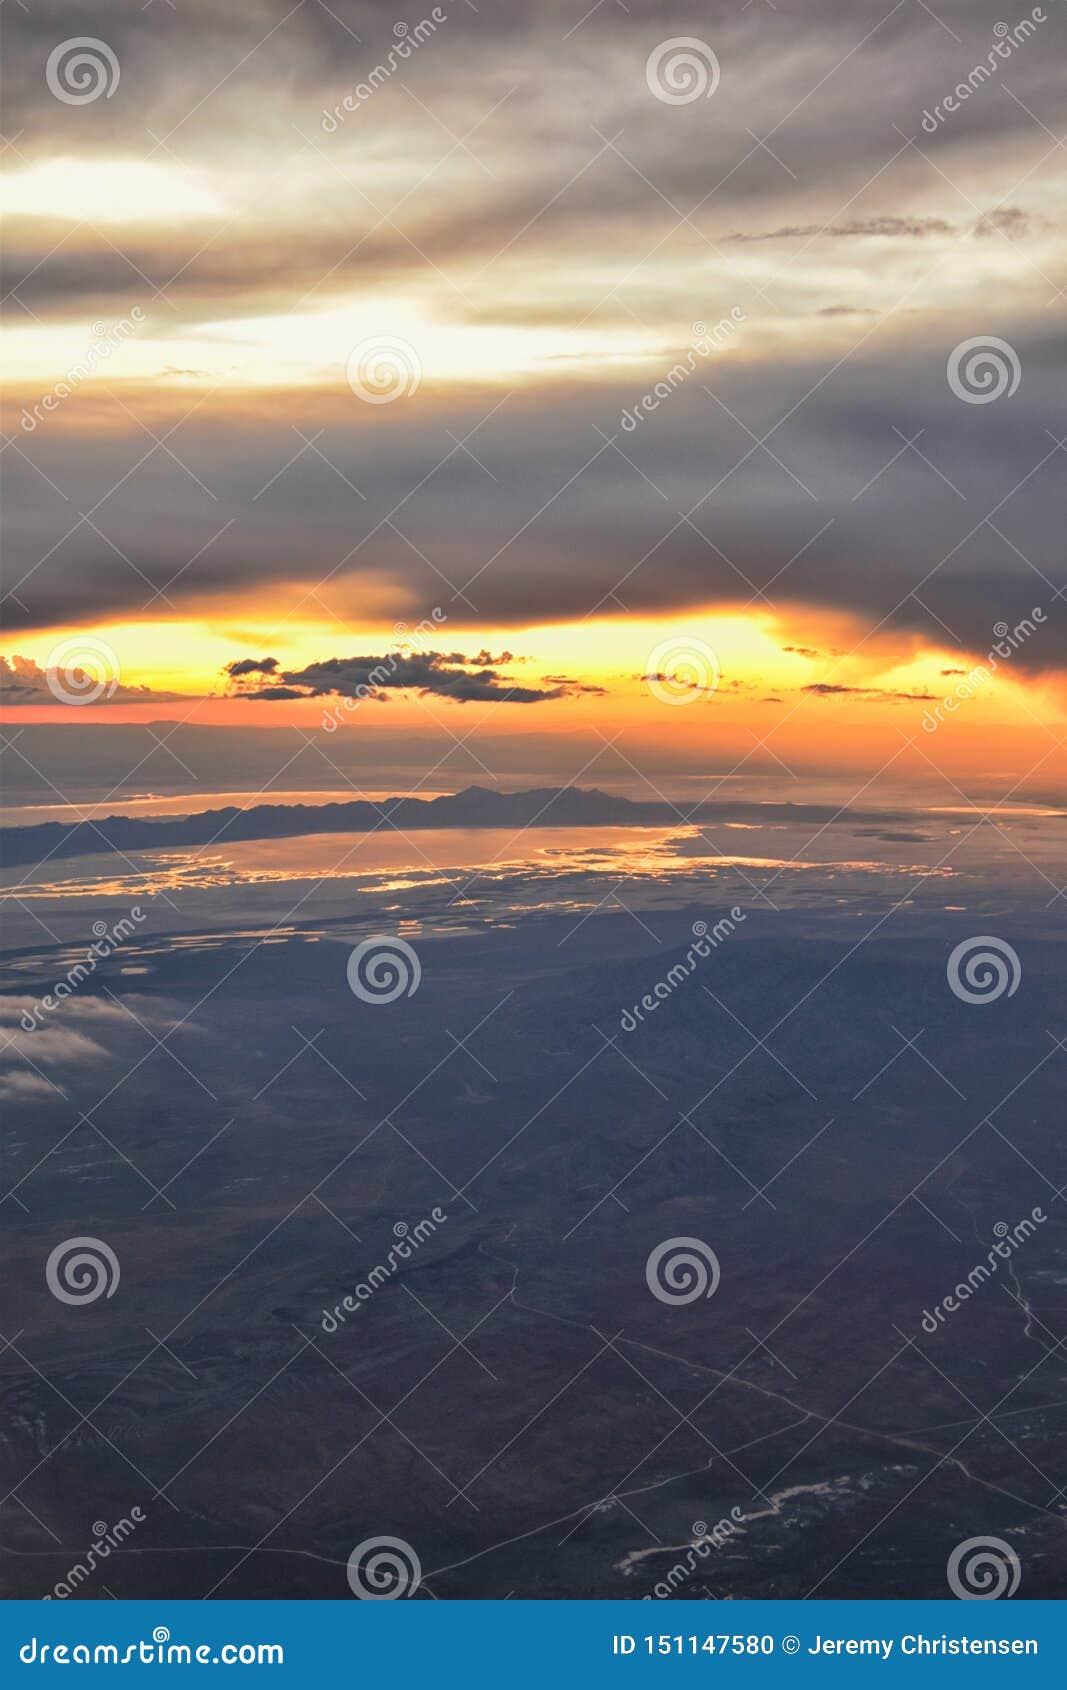 Great- Salt Lakesonnenuntergang-Vogelperspektive vom Flugzeug in Wasatch Rocky Mountain Range, fegendes cloudscape und Landschaft